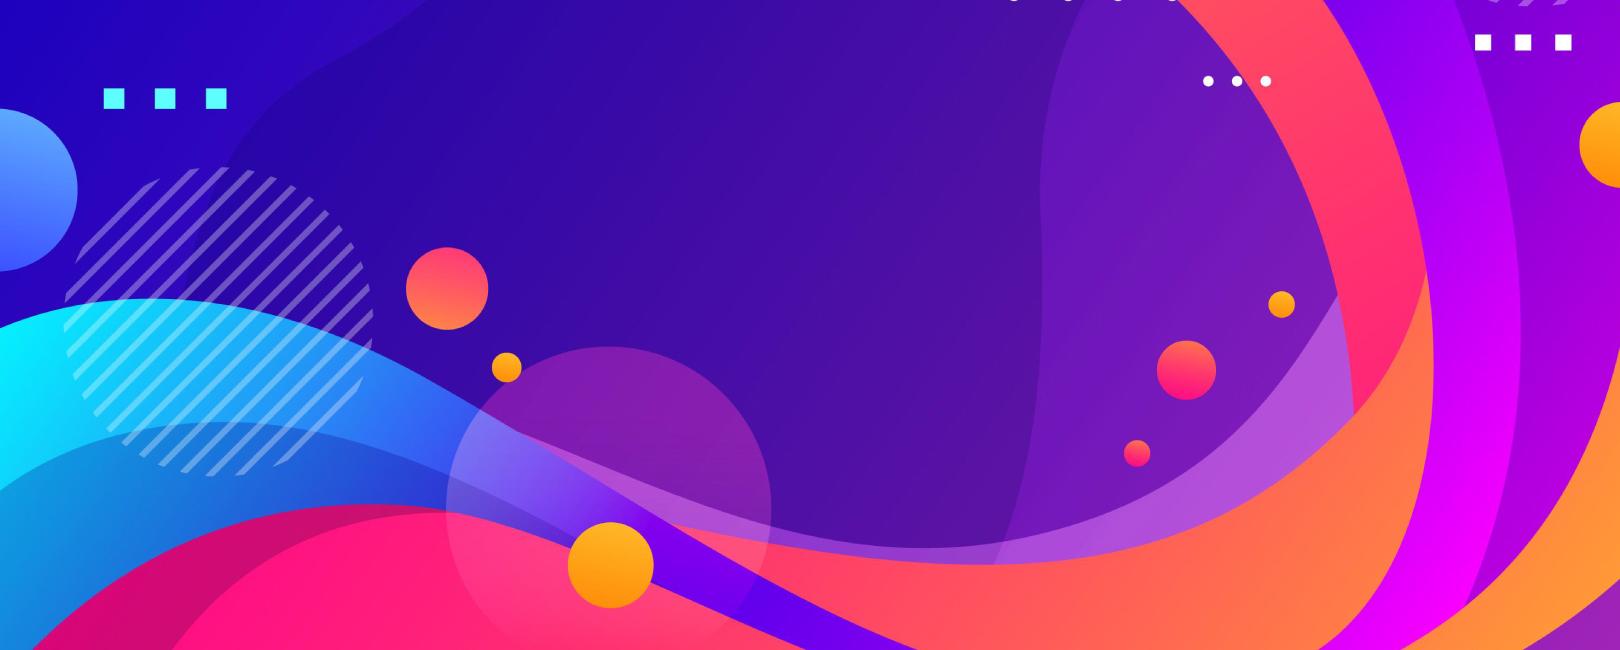 El color como disparador de emociones para generar ventas